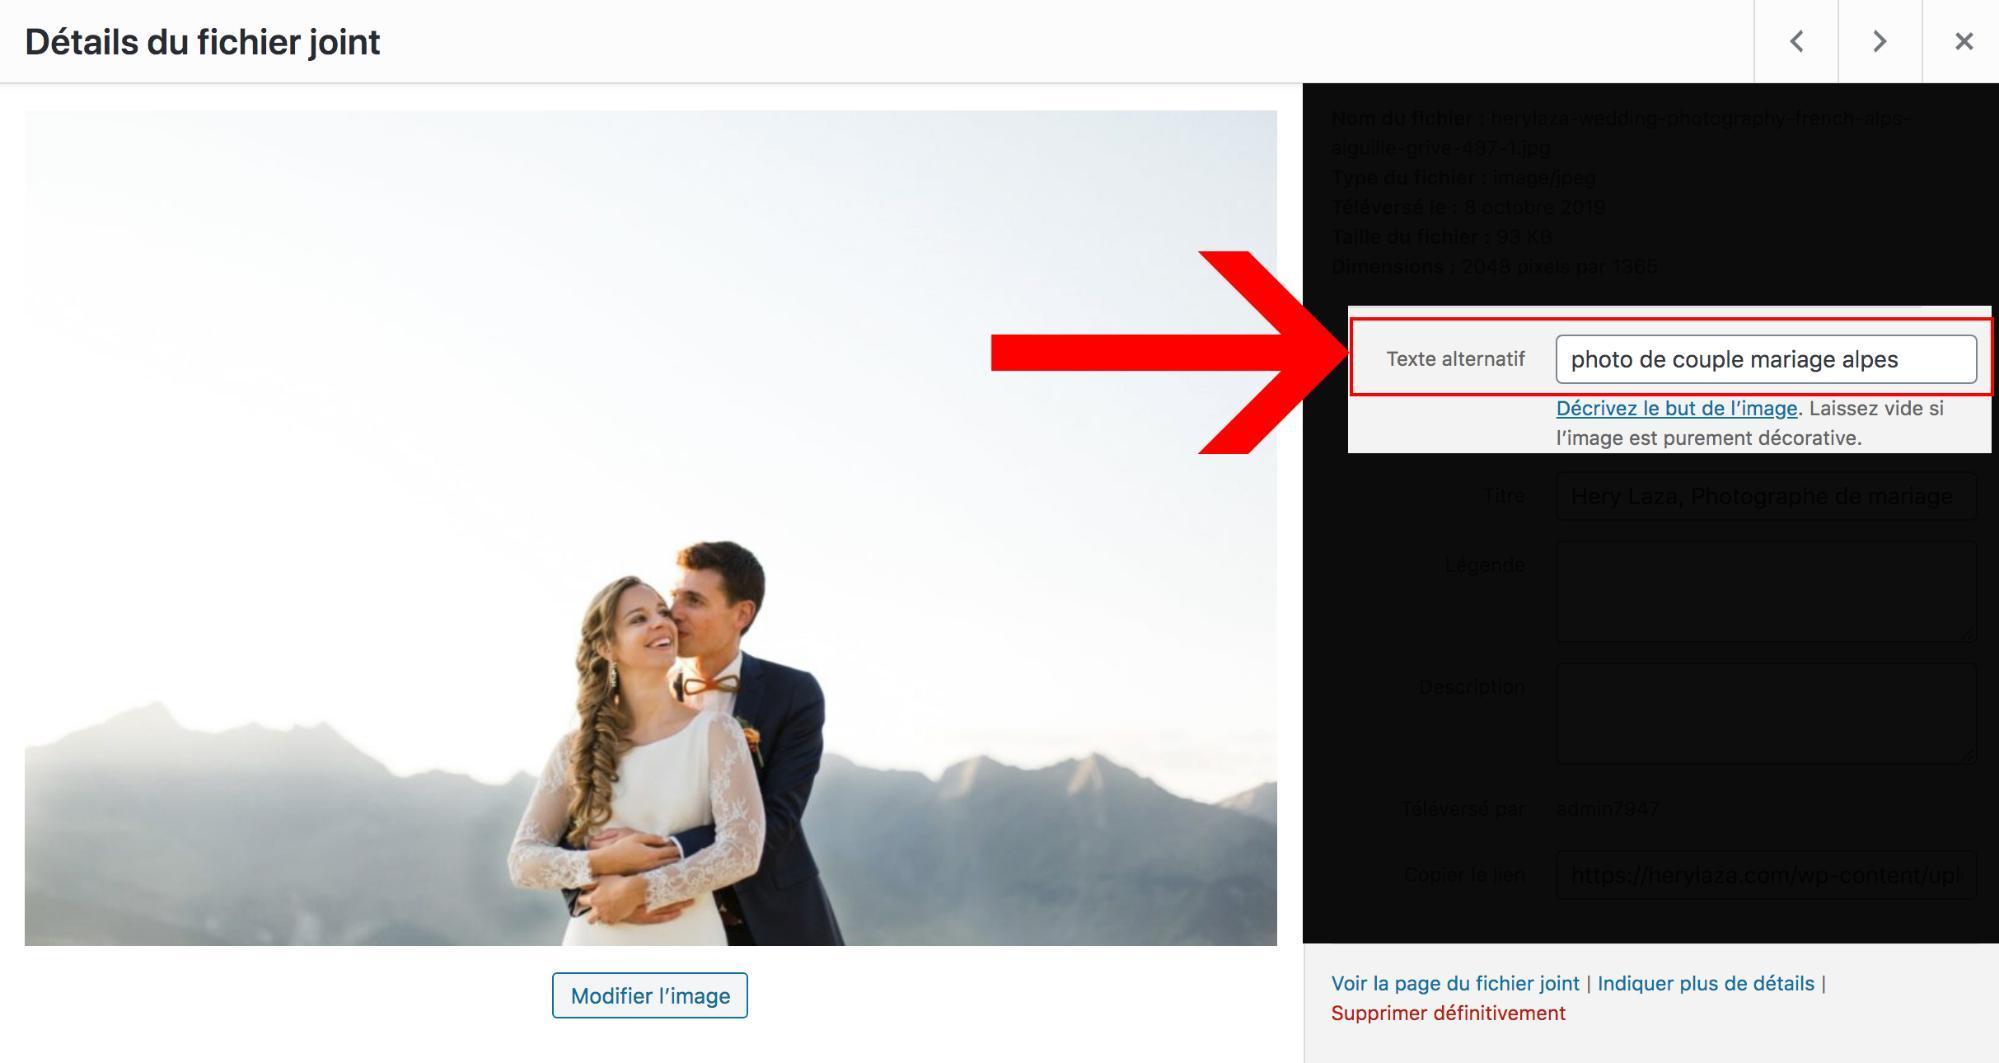 Remplir le texte alternatif pour une image sur wordpress